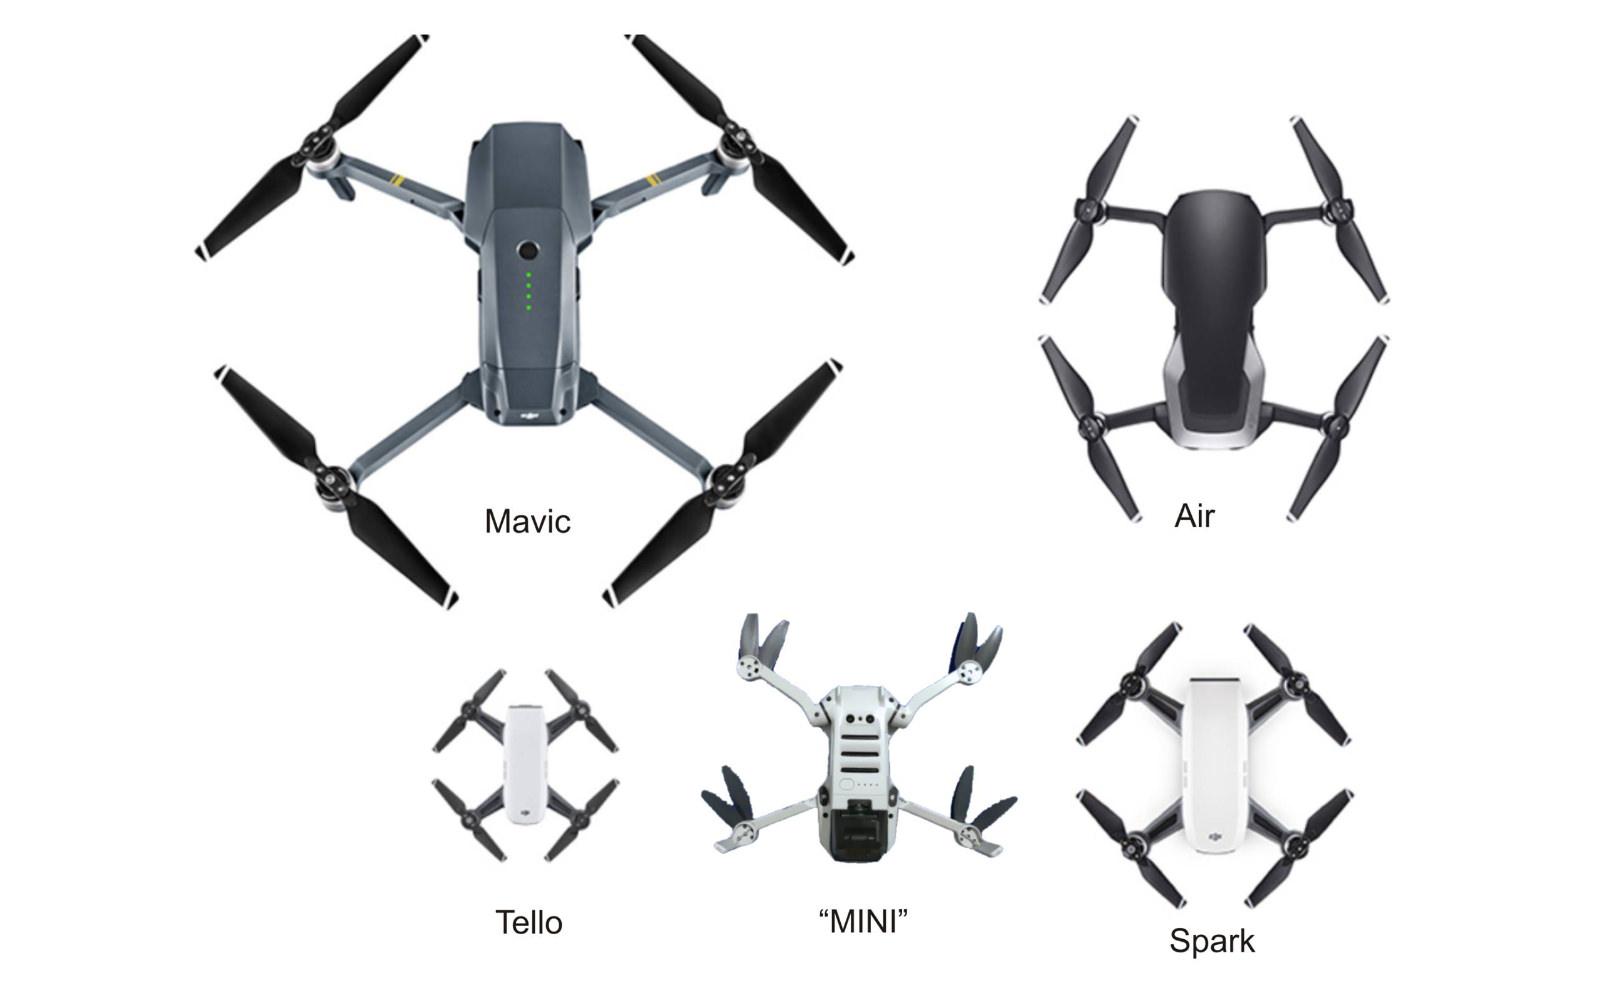 Mavic Mini - Comparaison Drones